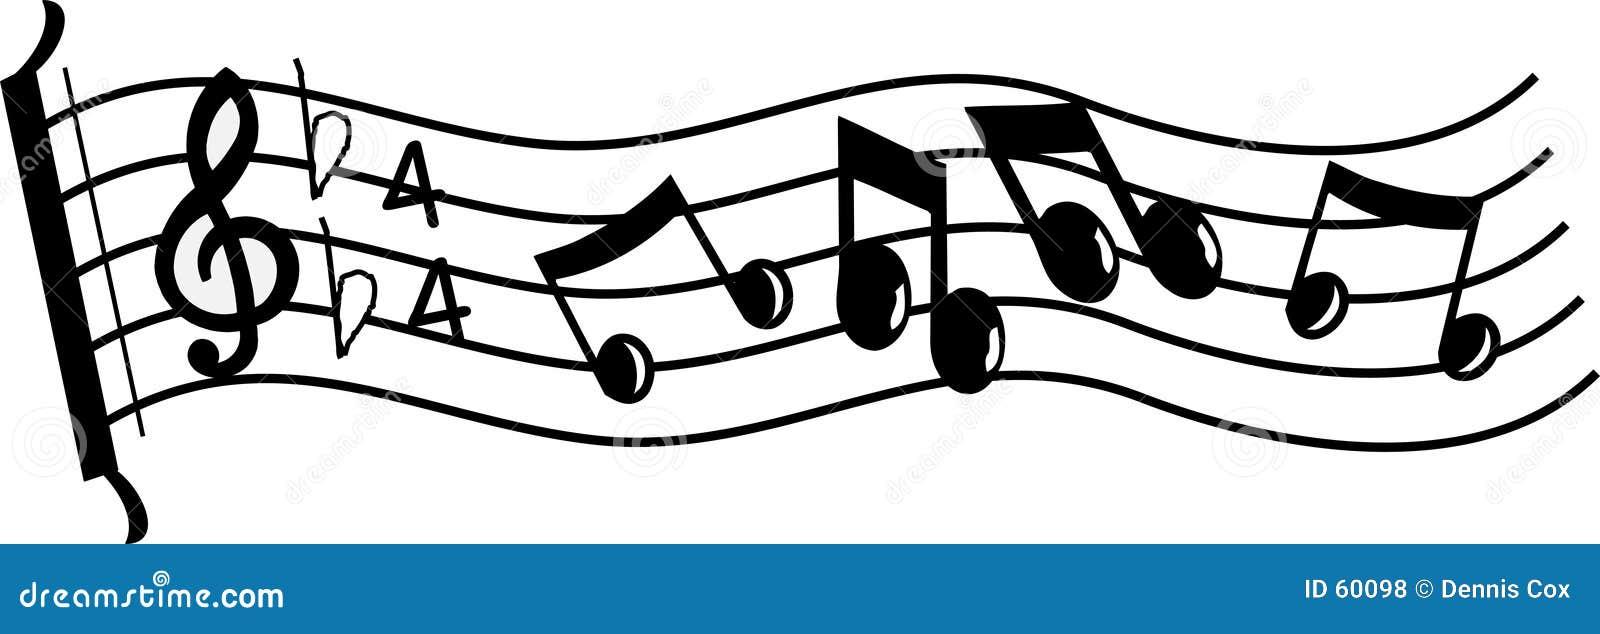 Zeile von Musik